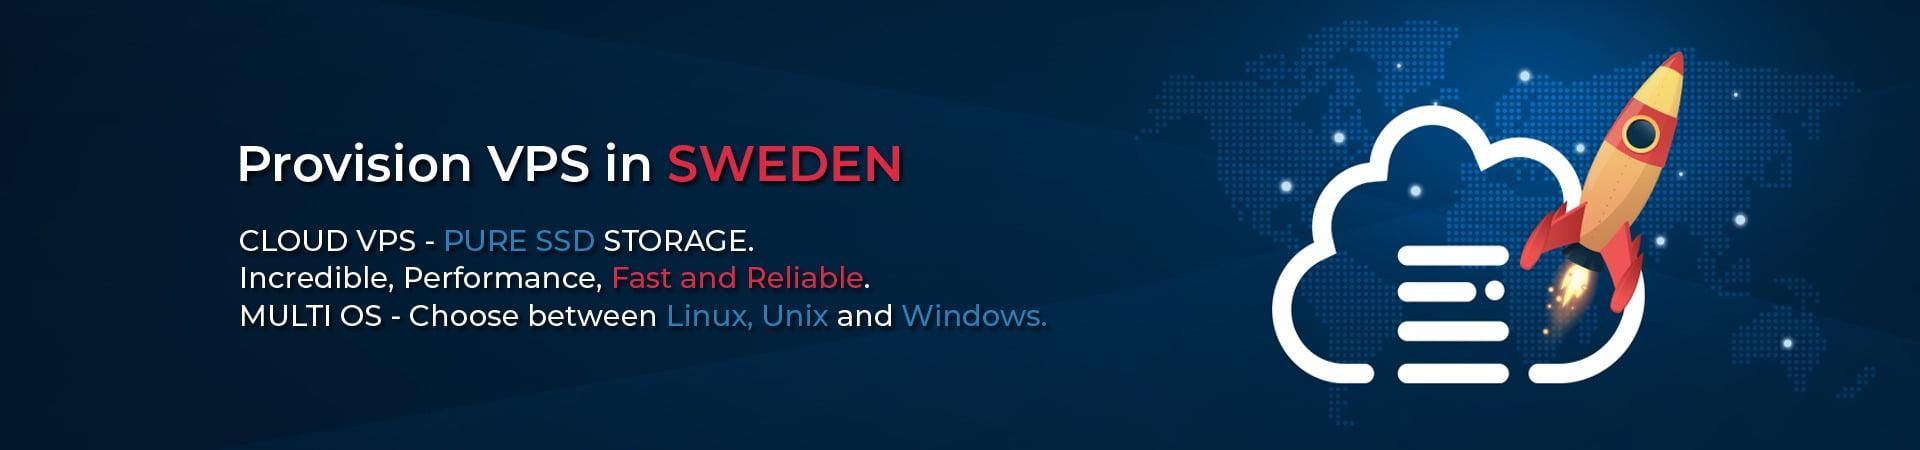 VPS in SWEDEN